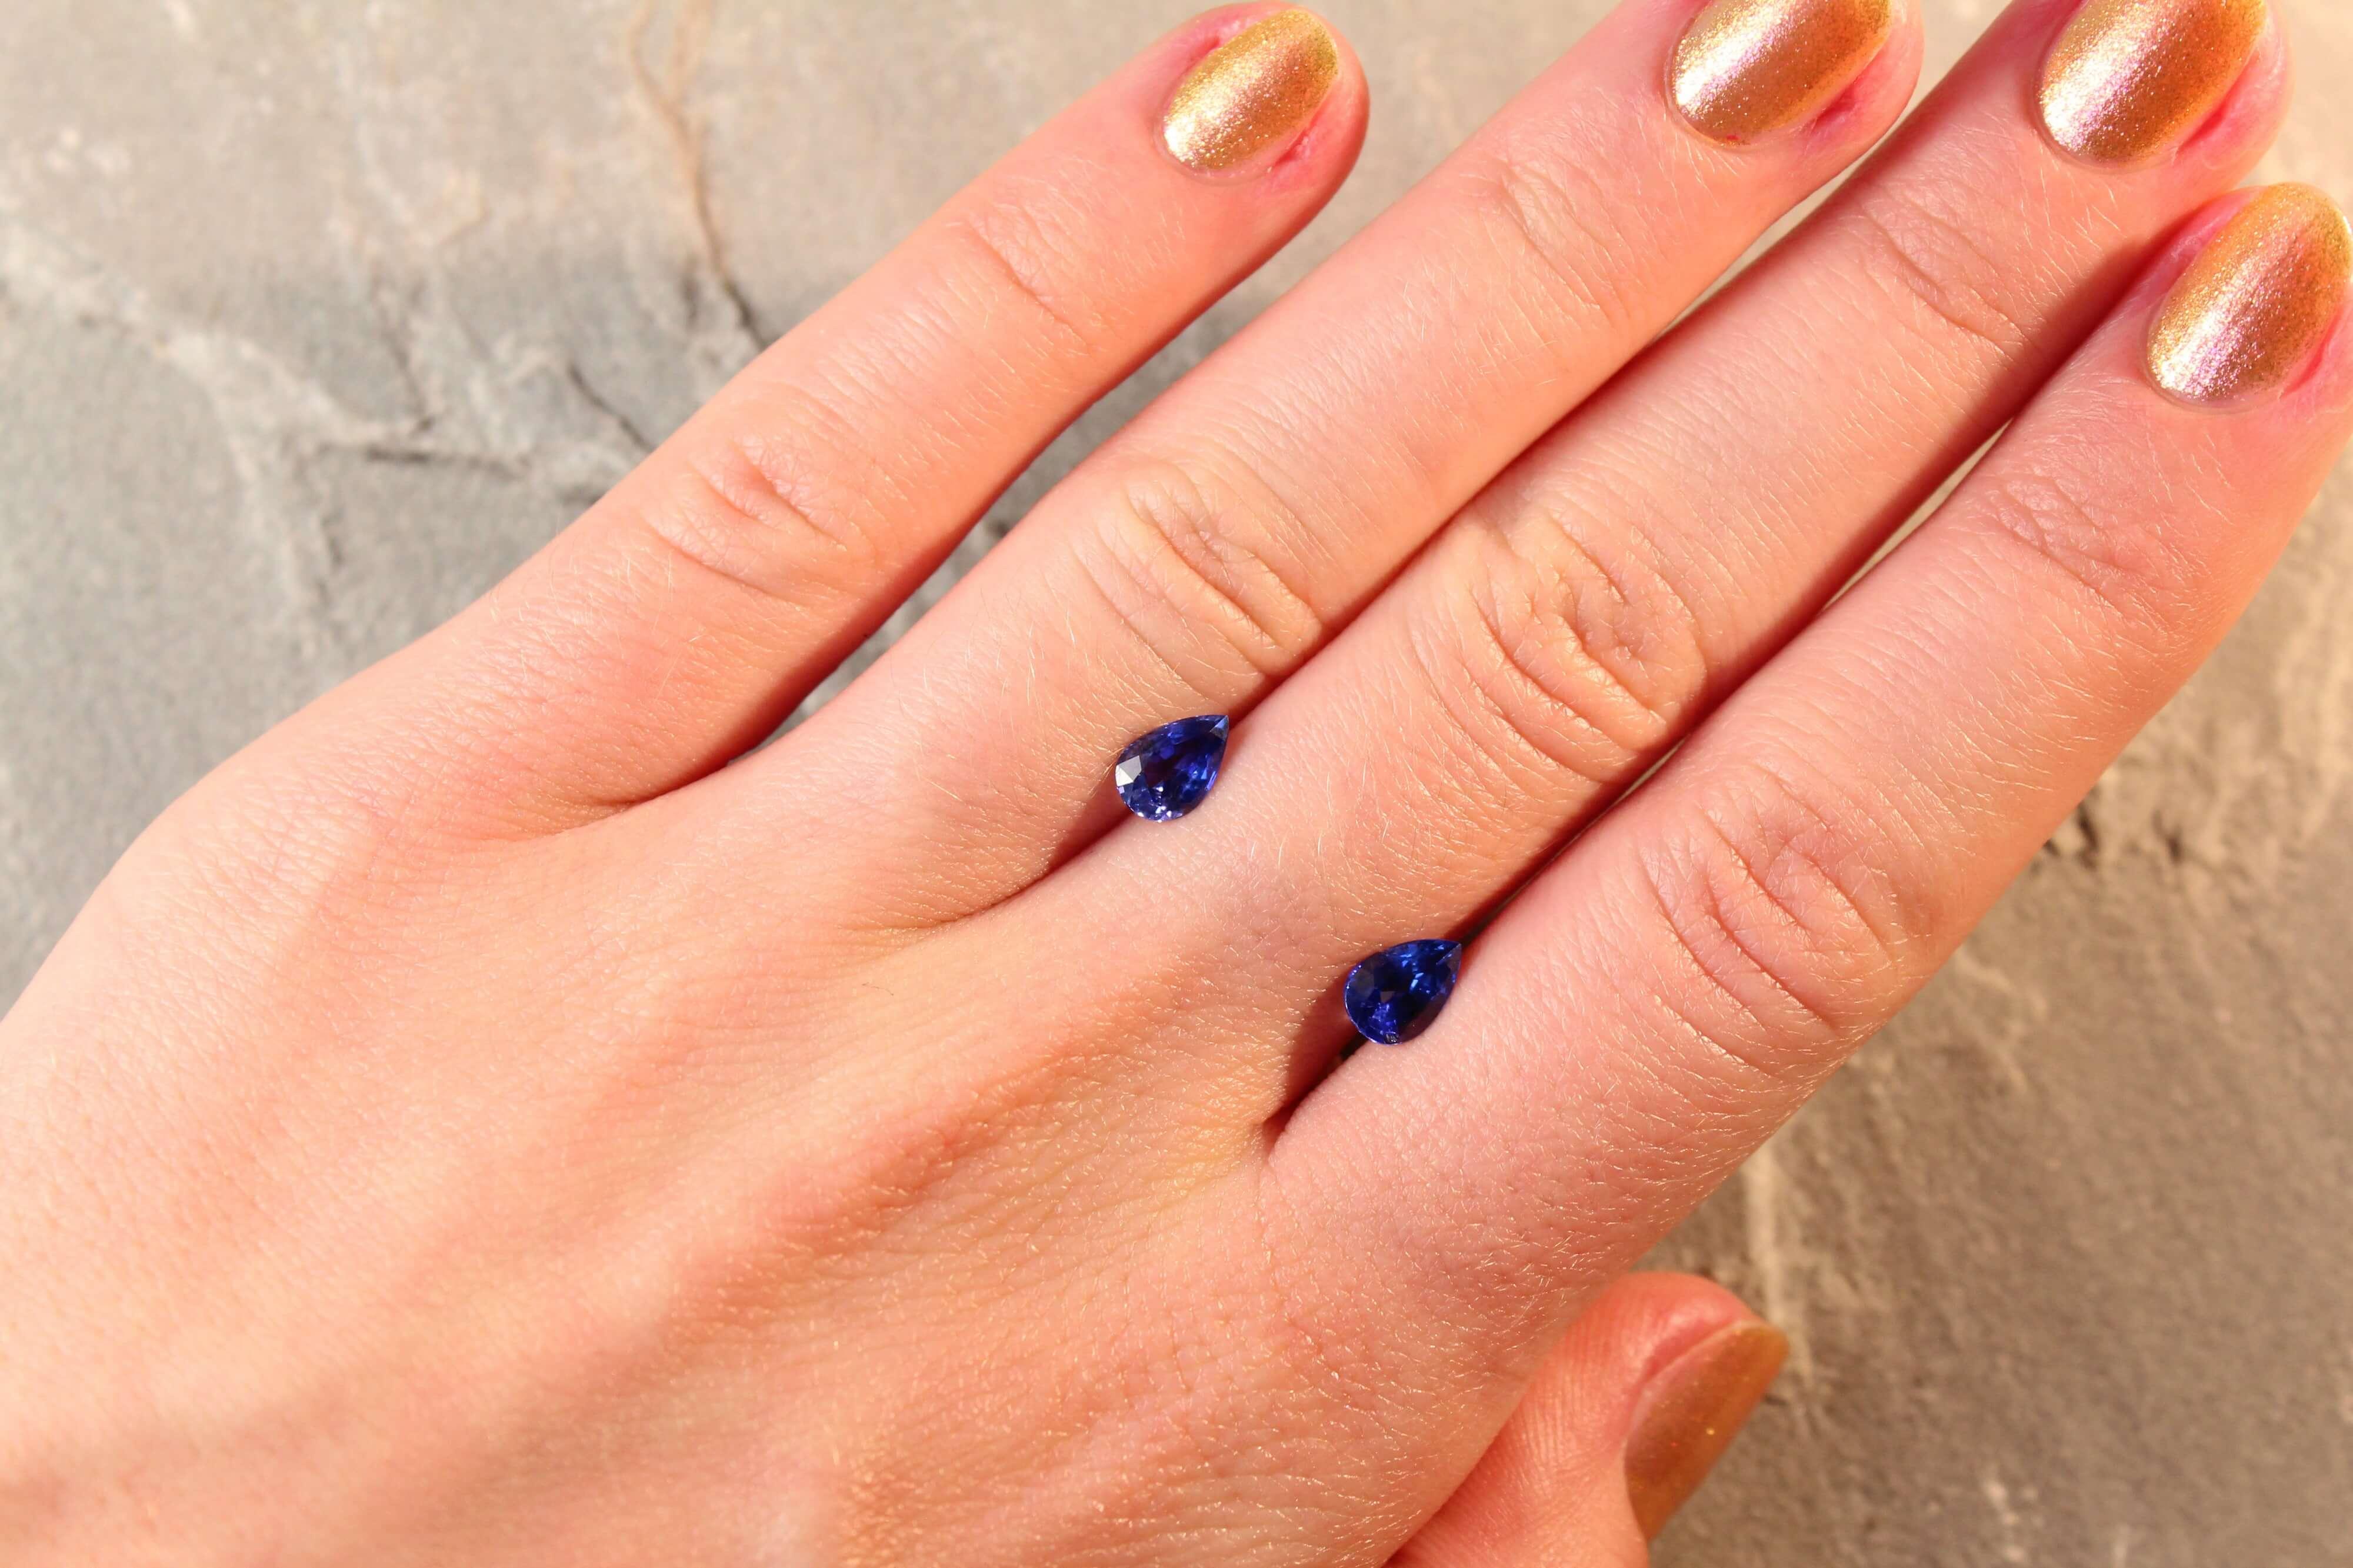 1.74 ct blue pear shape sapphire pair